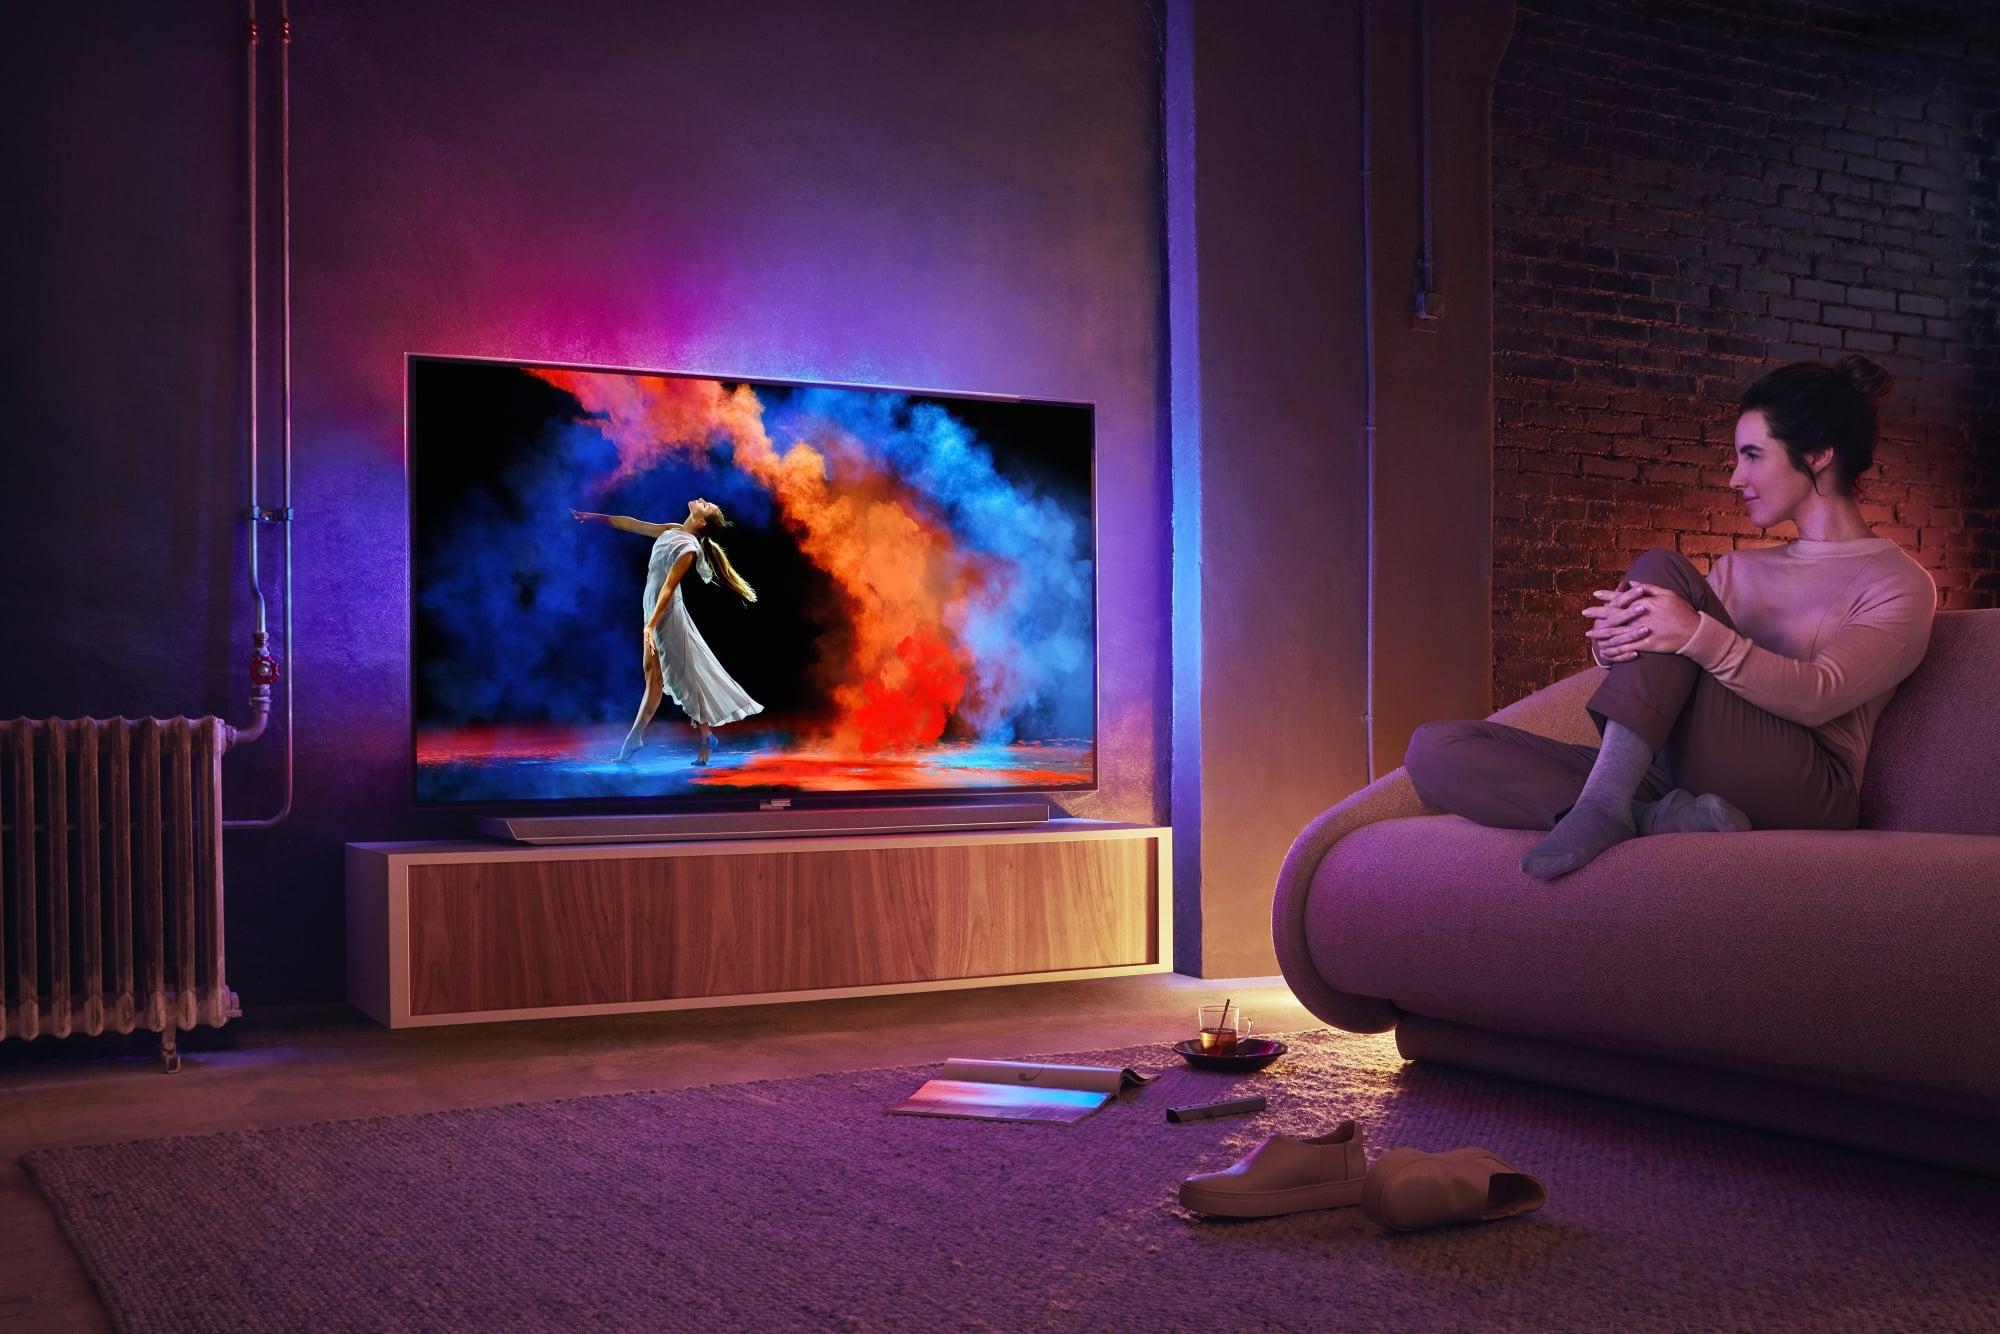 Tabletowo.pl Co każdy powinien wiedzieć o wypaleniach matryc OLED w telewizorach? Ciekawostki Co u nas? Porady TV